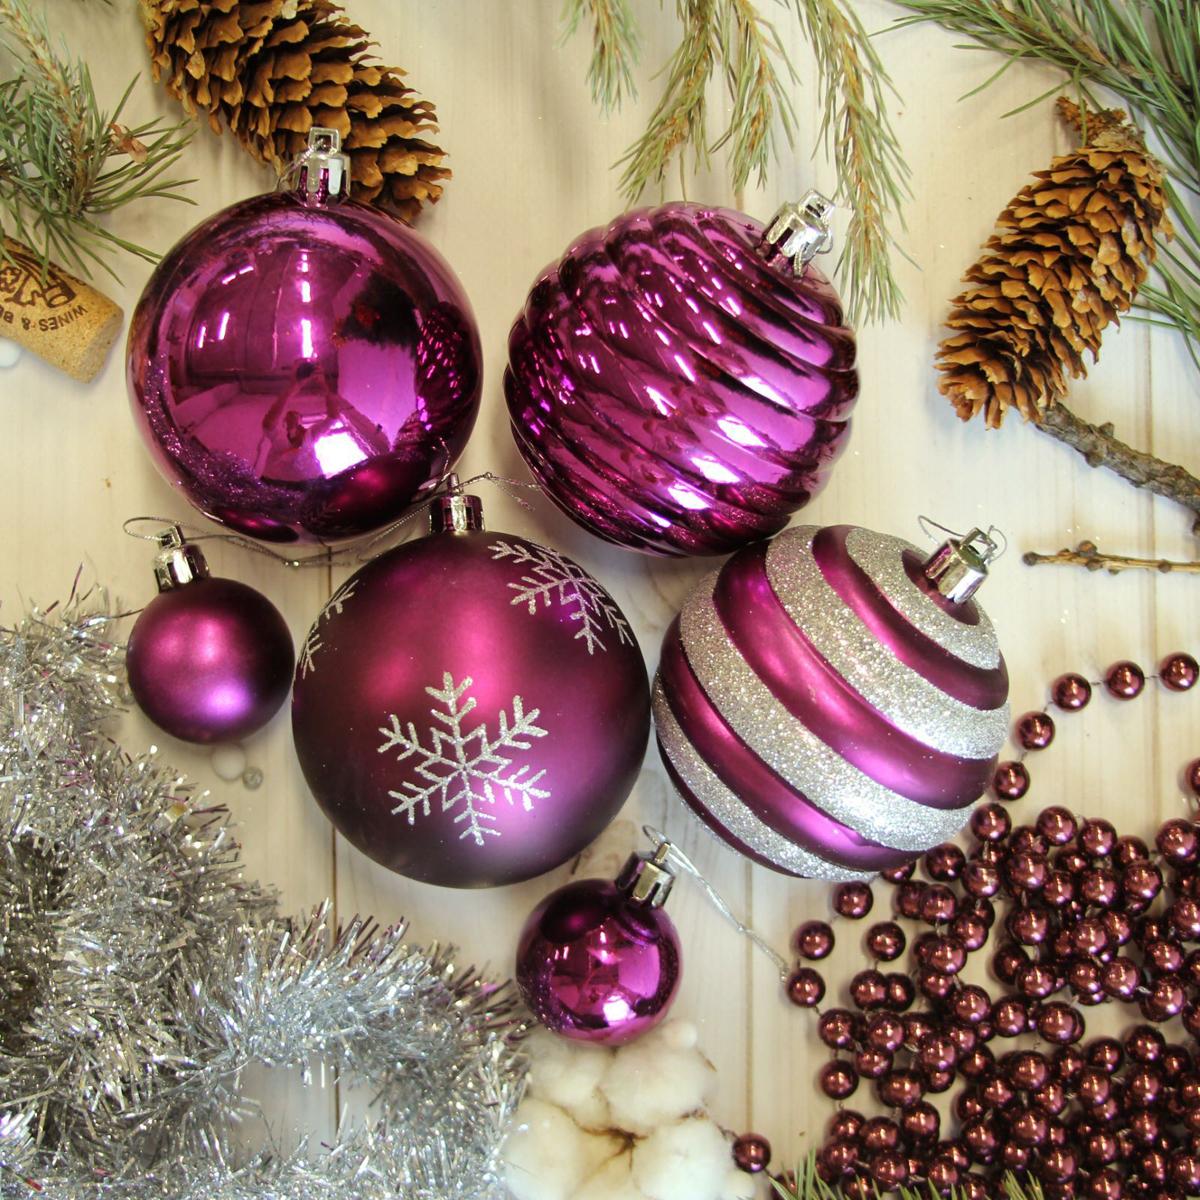 Набор новогодних подвесных украшений Sima-land, 63 шт2123043Набор новогодних подвесных украшений Sima-land отлично подойдет для декорации вашего дома и новогодней ели. С помощью специальной петельки украшение можно повесить в любом понравившемся вам месте. Но, конечно, удачнее всего оно будет смотреться на праздничной елке. Елочная игрушка - символ Нового года. Она несет в себе волшебство и красоту праздника. Создайте в своем доме атмосферу веселья и радости, украшая новогоднюю елку нарядными игрушками, которые будут из года в год накапливать теплоту воспоминаний.